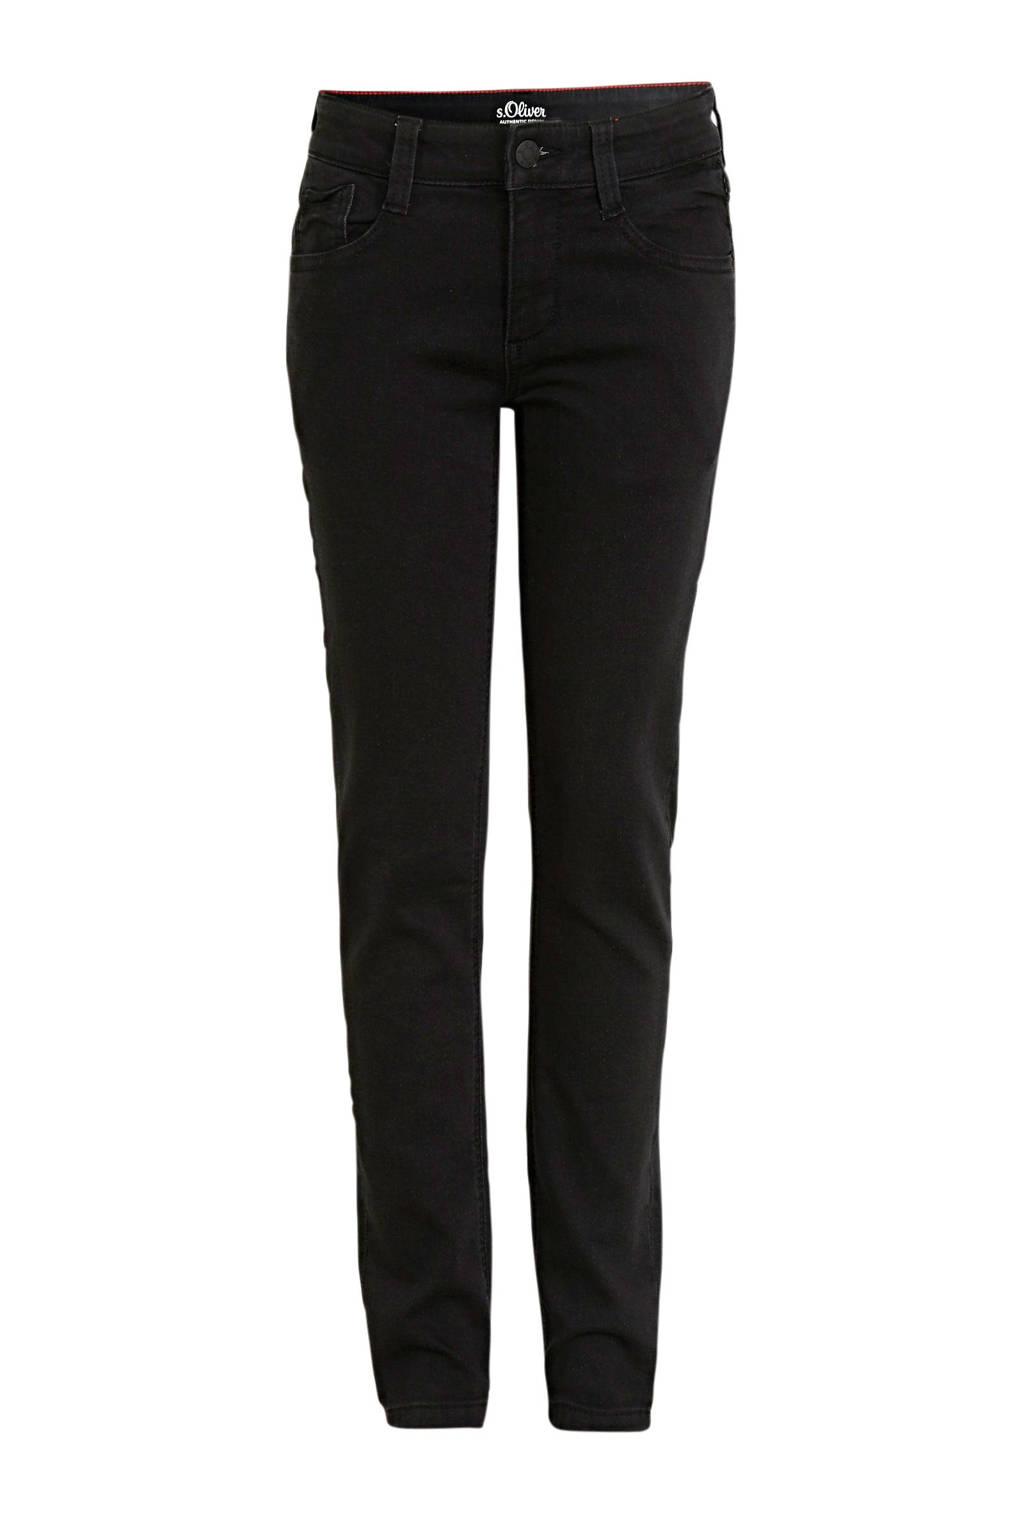 s.Oliver regular fit broek zwart, Zwart